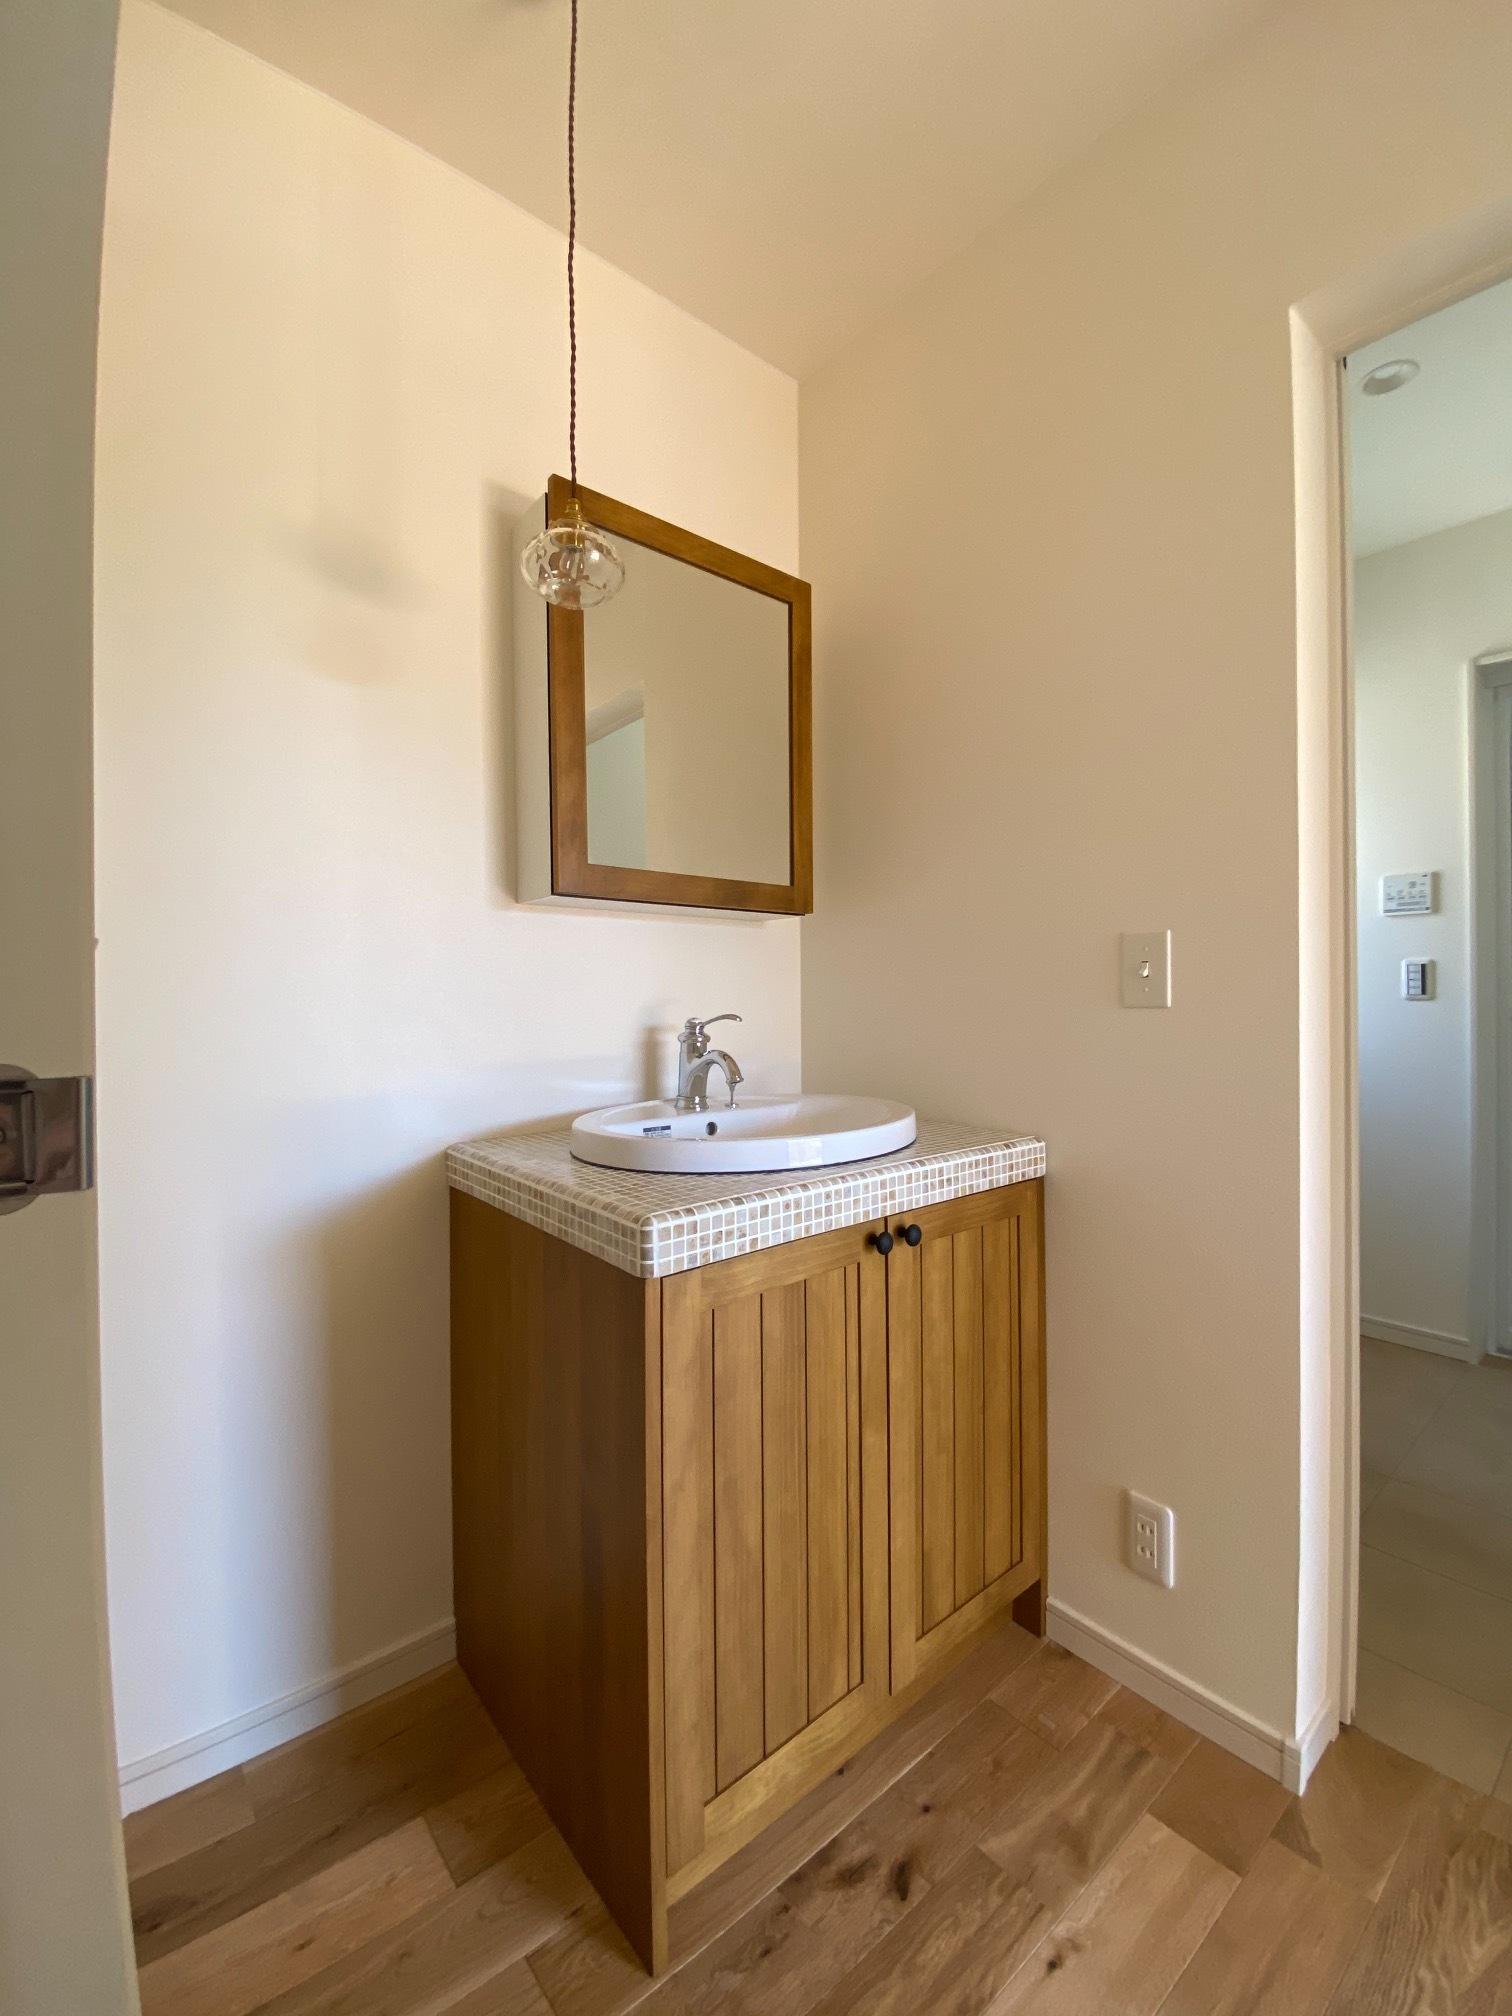 シンカ【デザイン住宅、収納力、自然素材】かわいい手洗いコーナー